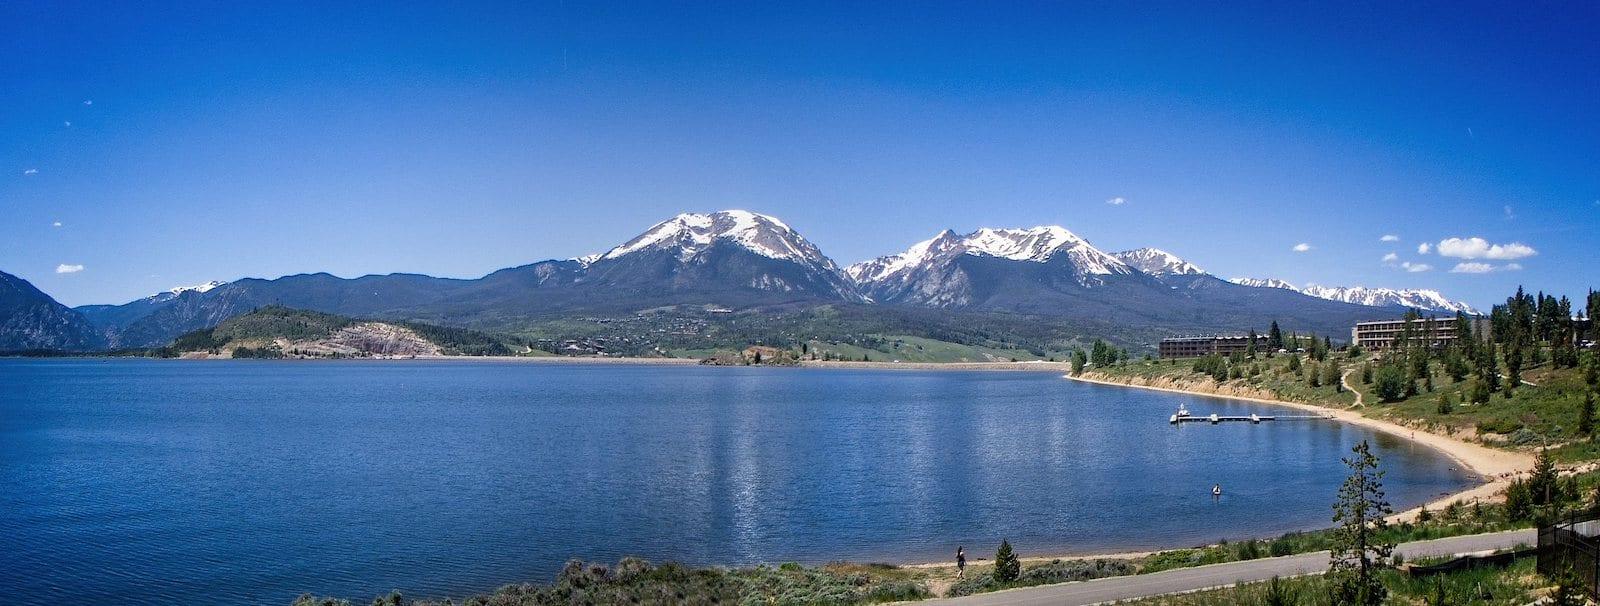 Dillon Reservoir in Dillon, Colorado